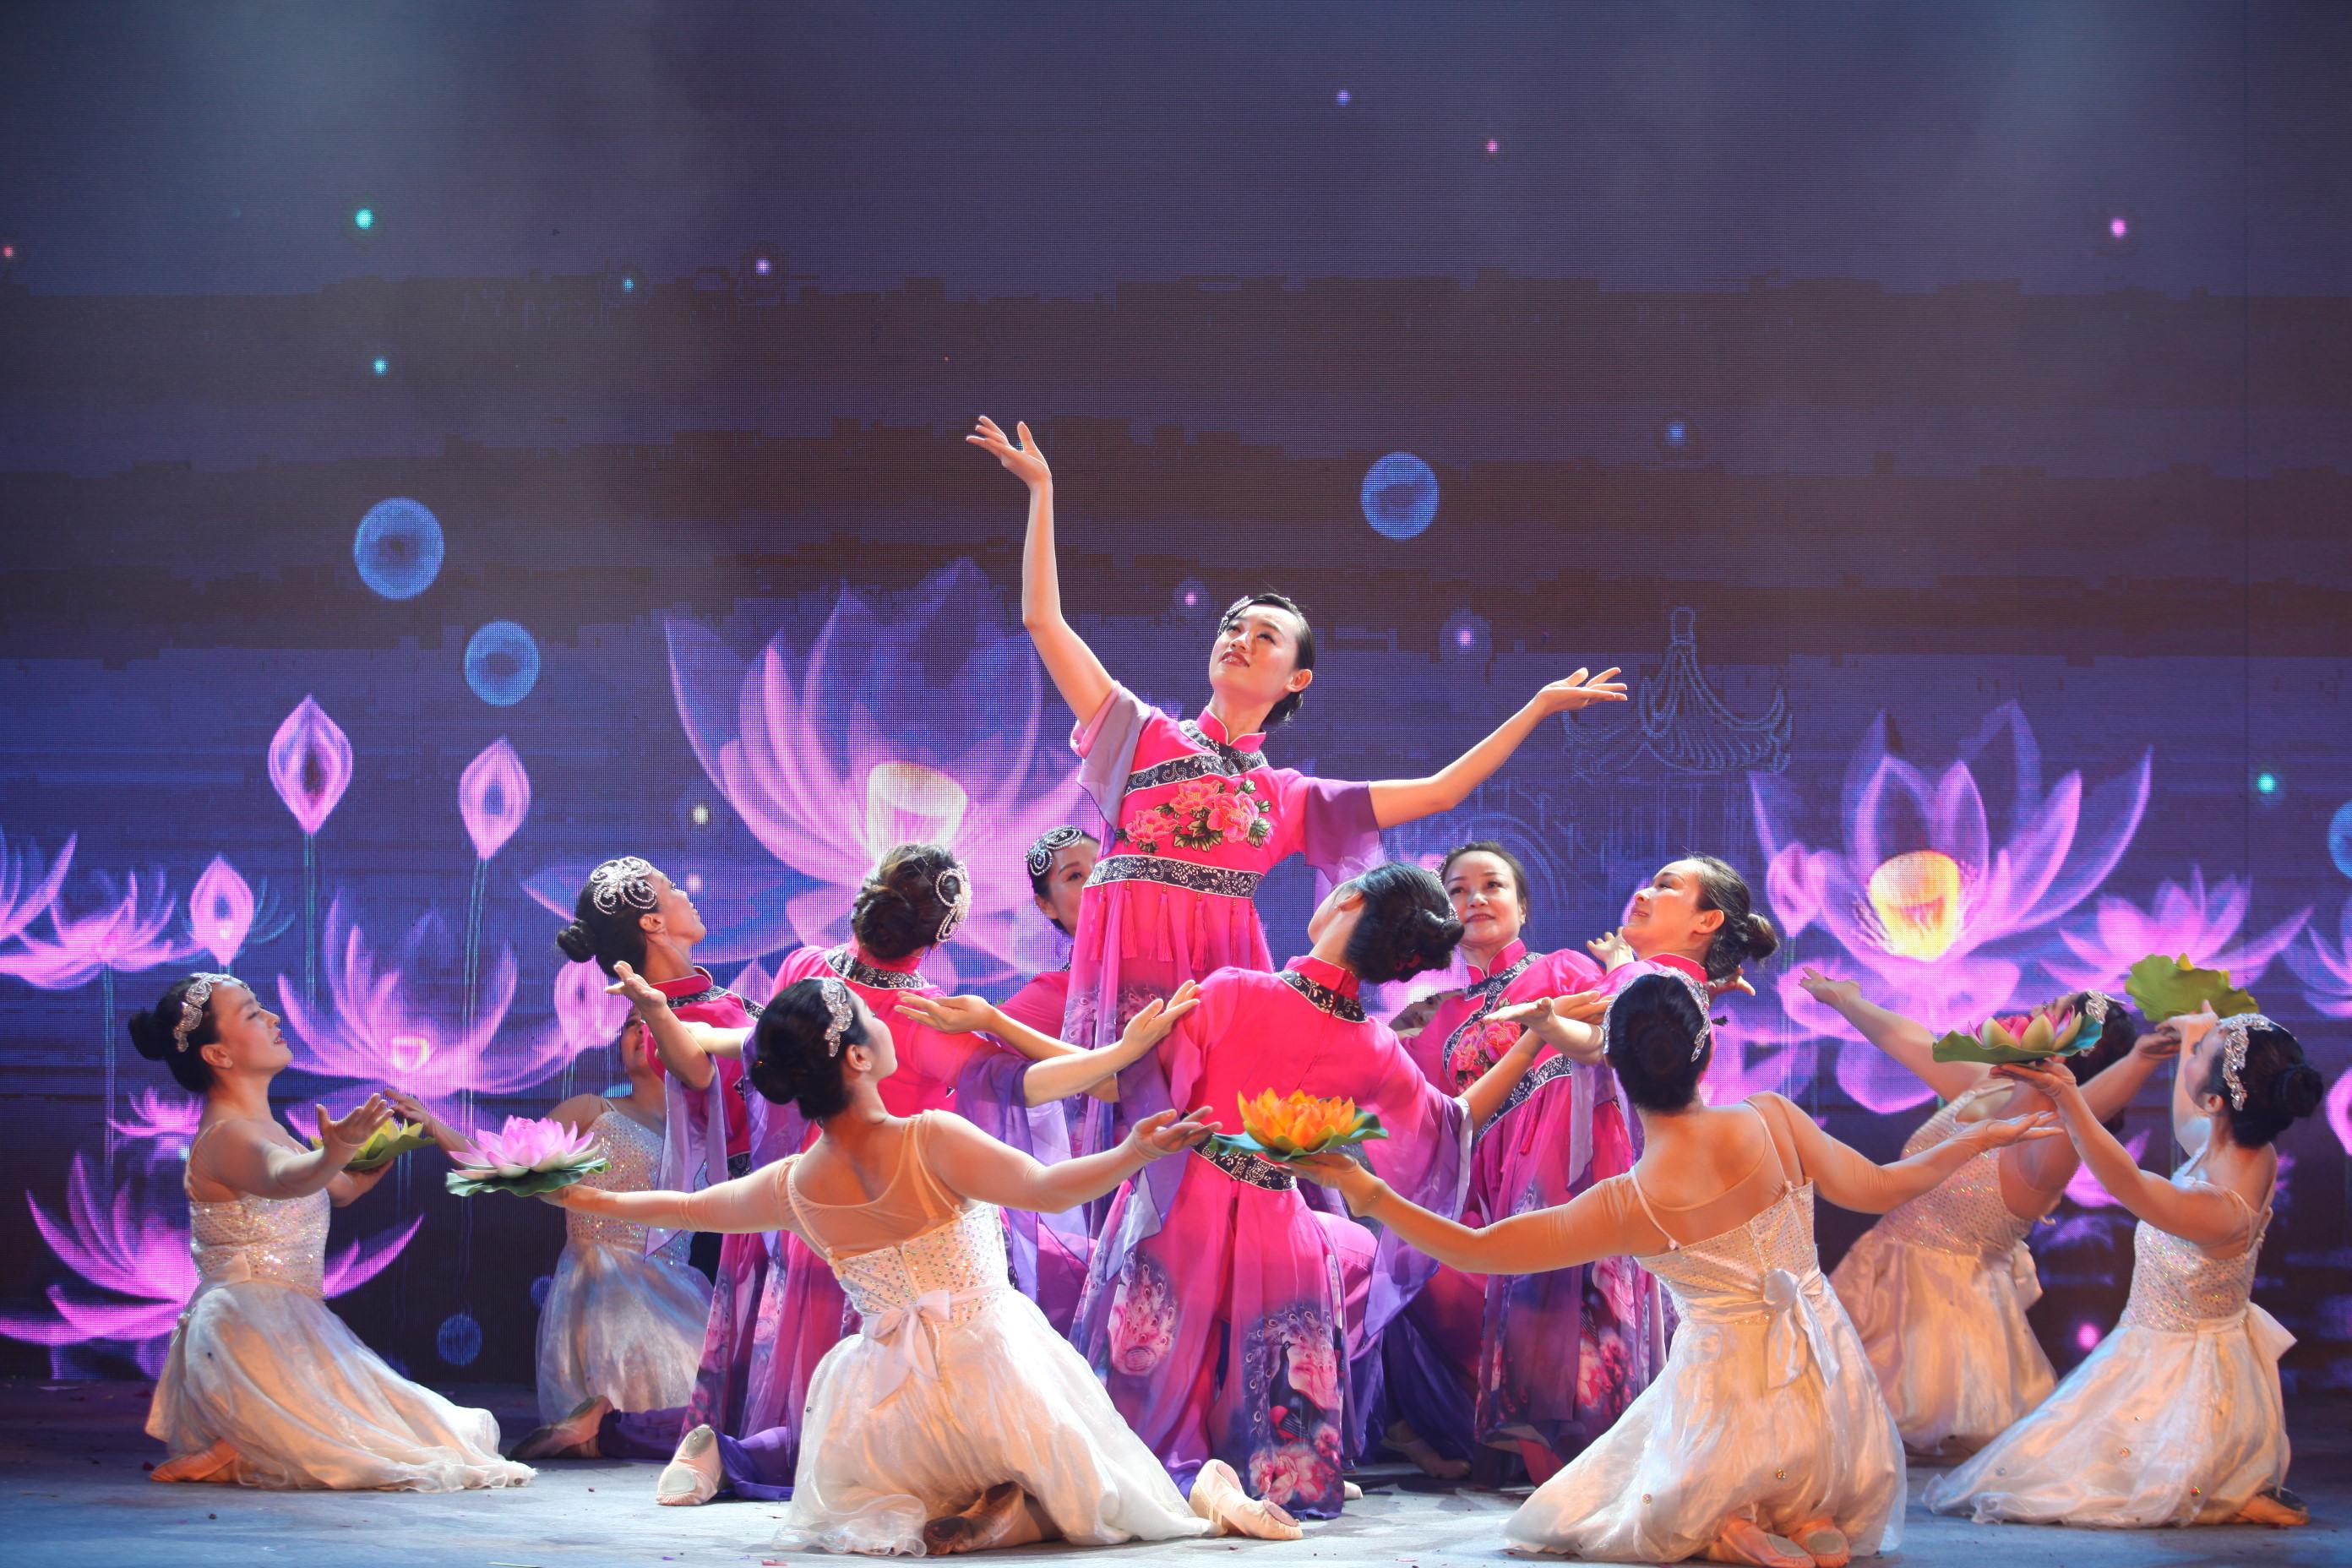 深圳建筑工人登台秀才艺  安全生产月歌舞嗨起来